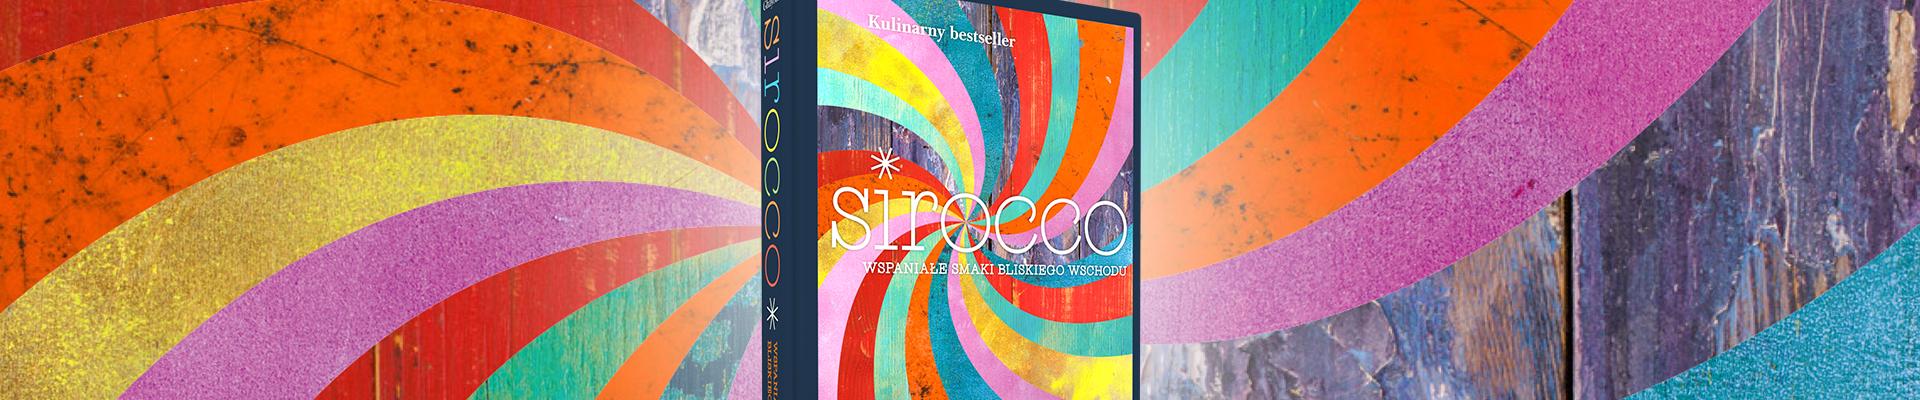 Slajd-6087